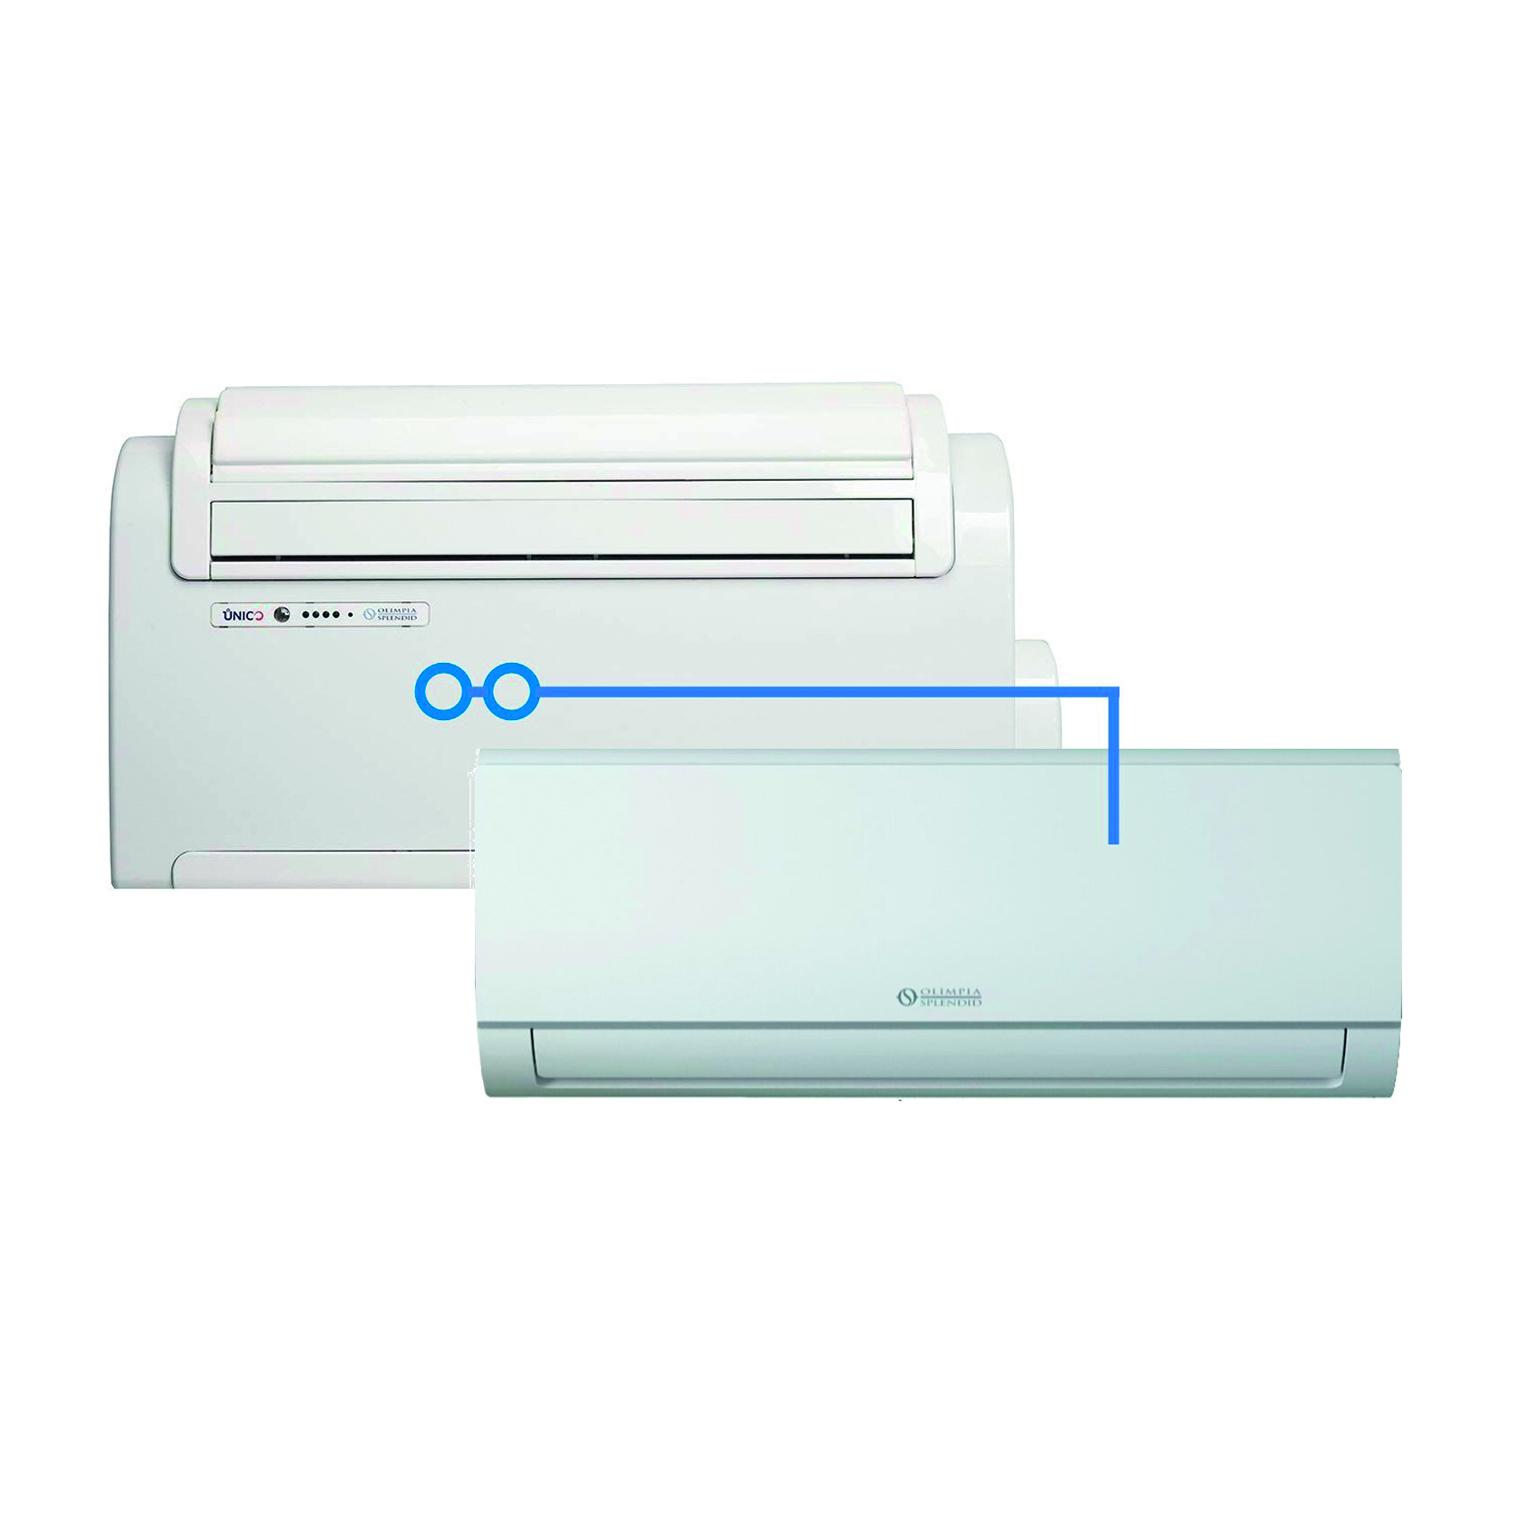 Condizionatore senza unità esterna Dualsplit OLIMPIA SPLENDID 9000